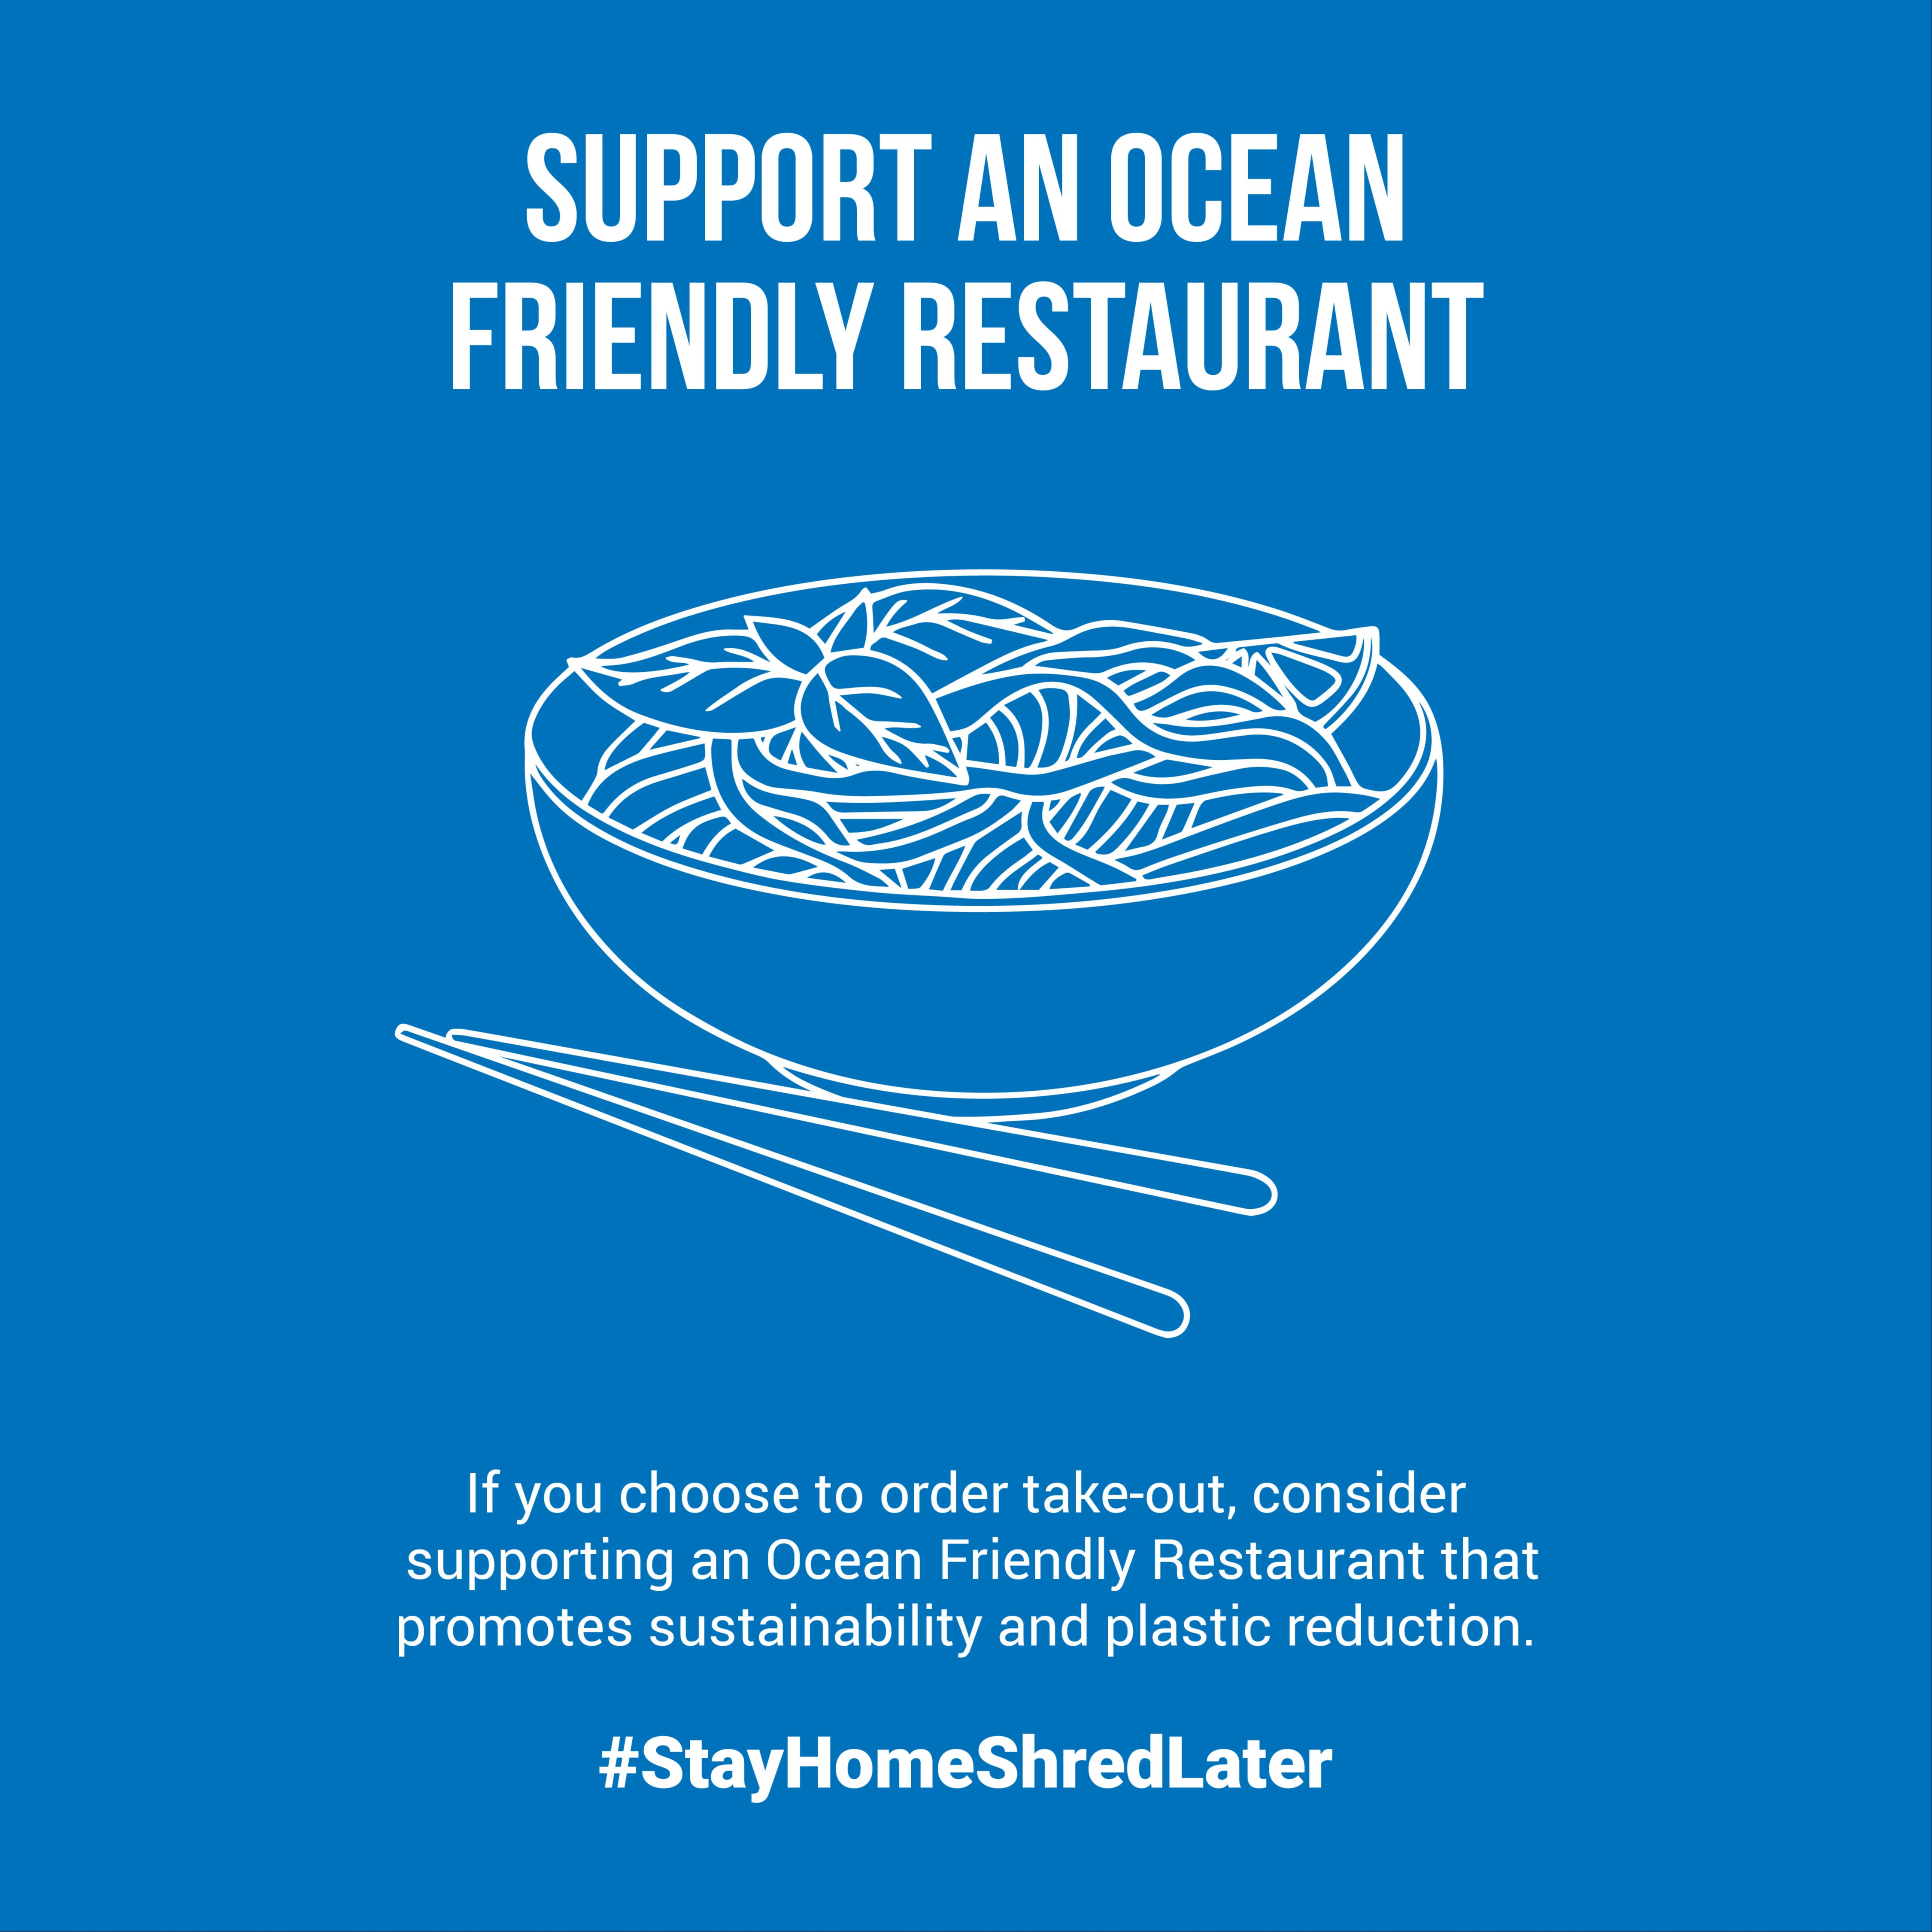 Eating Ocean Friendly